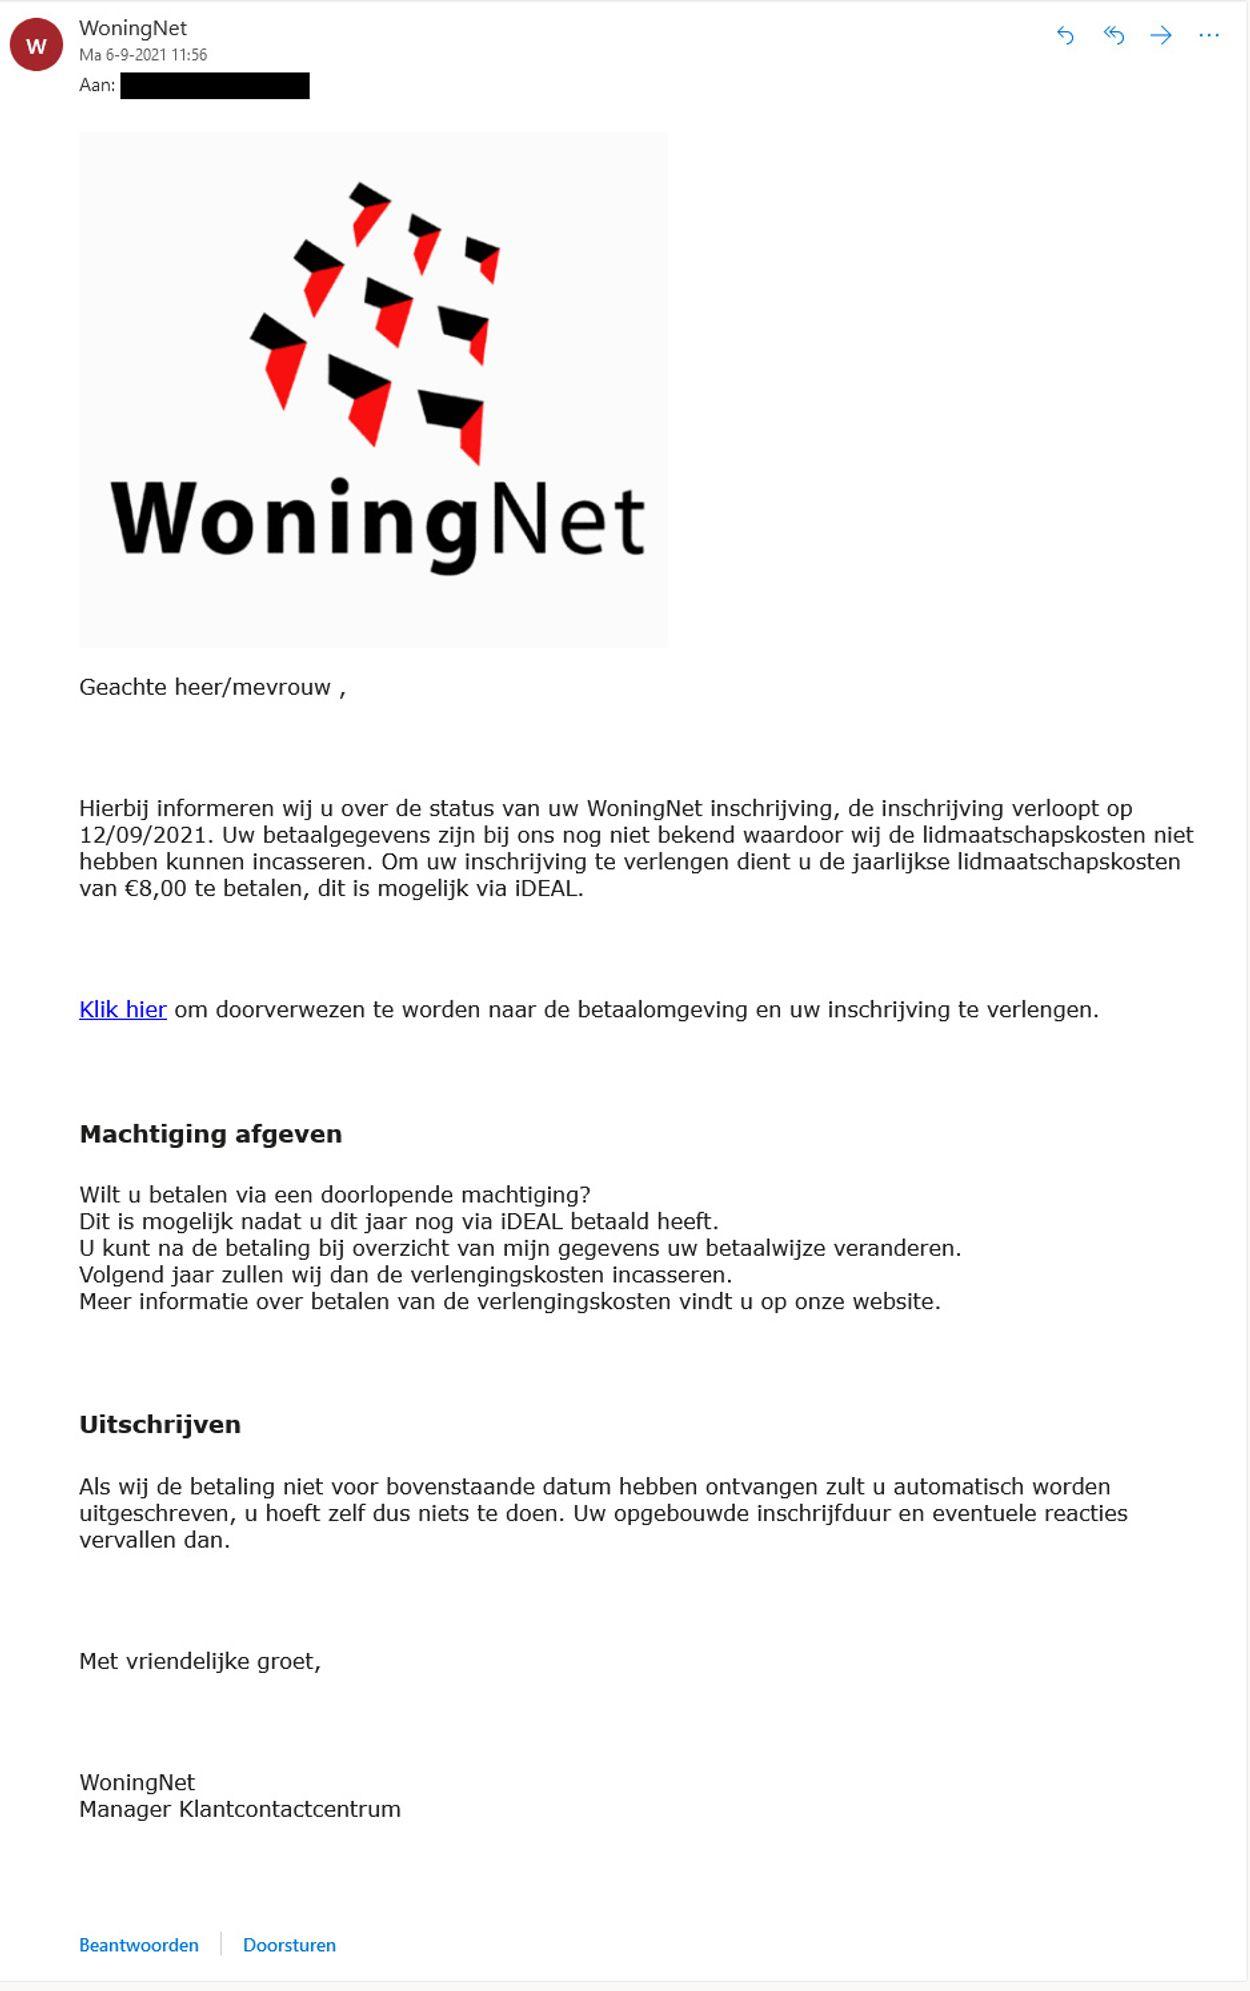 woningnet-phishing